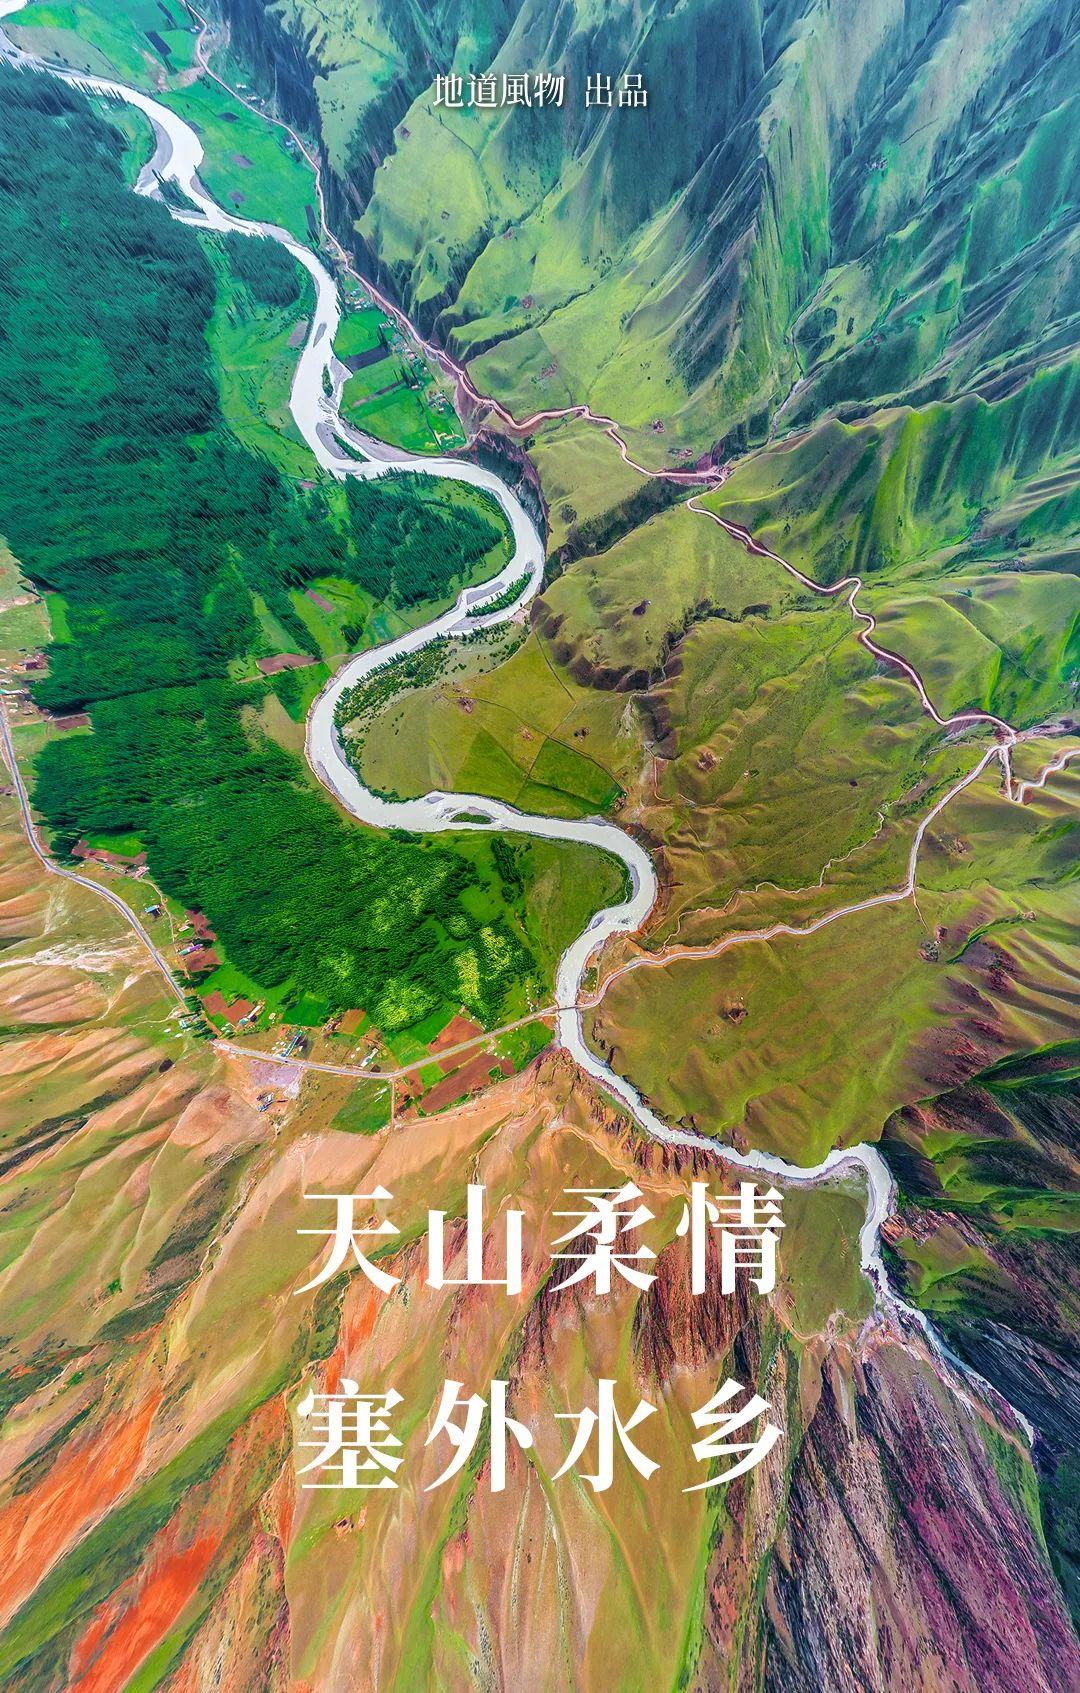 ▲ 阔克苏大峡谷。摄影/石耀臣